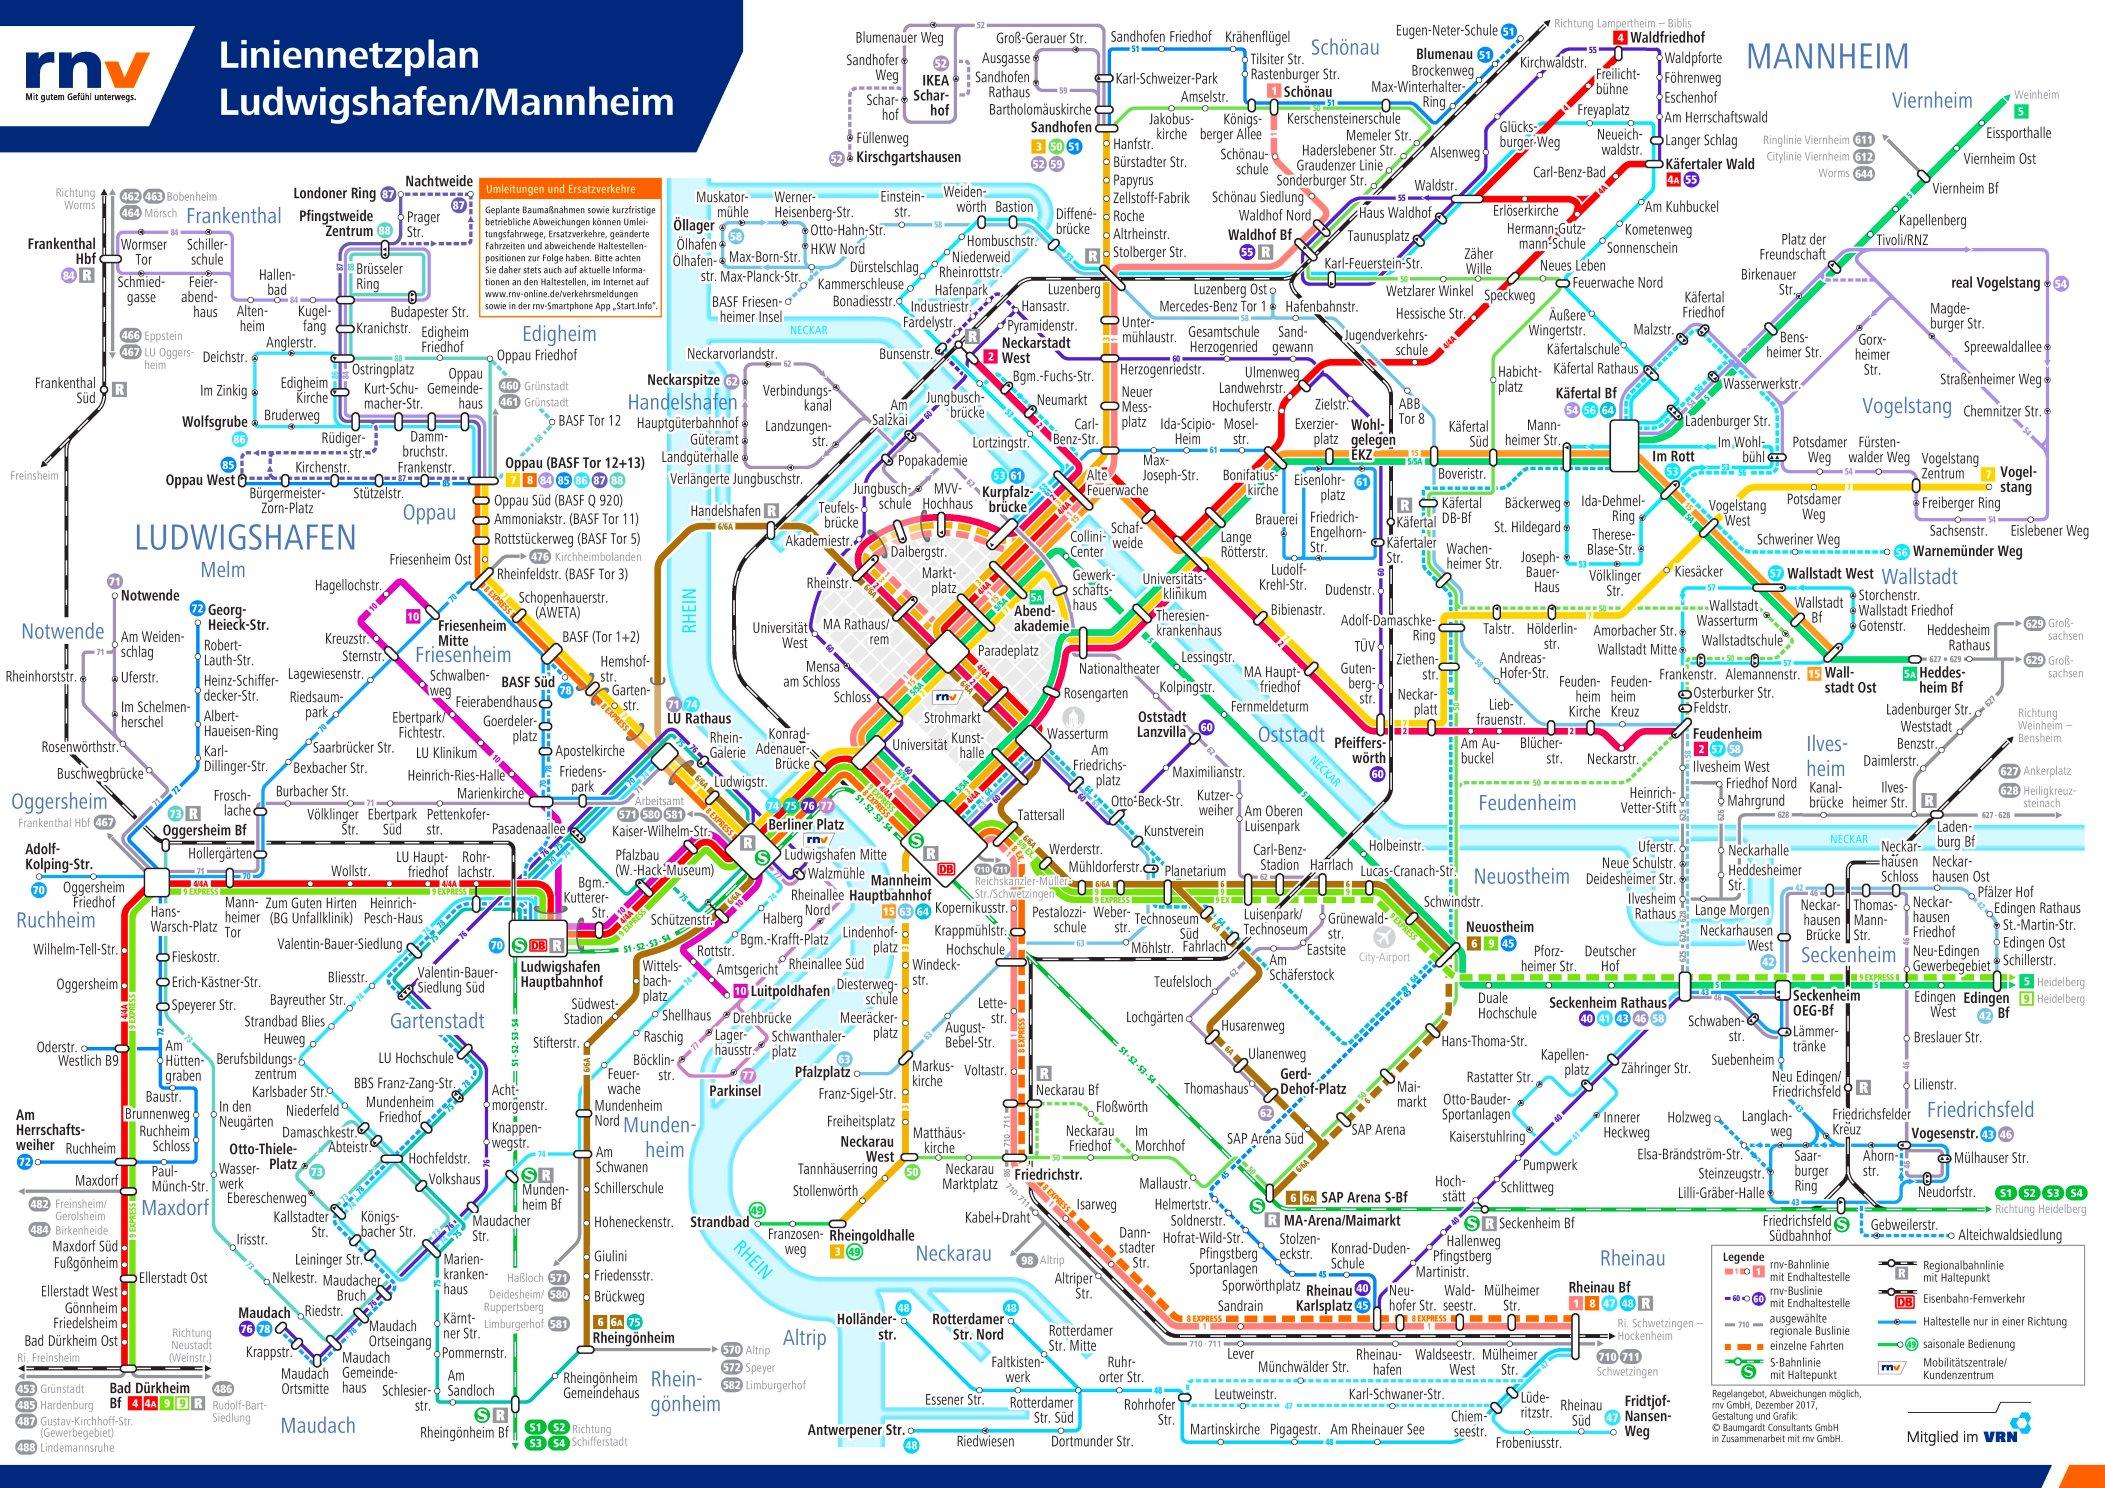 Mannheim Bundesland Karte.Liniennetzplan Mannheim Ludwigshafen